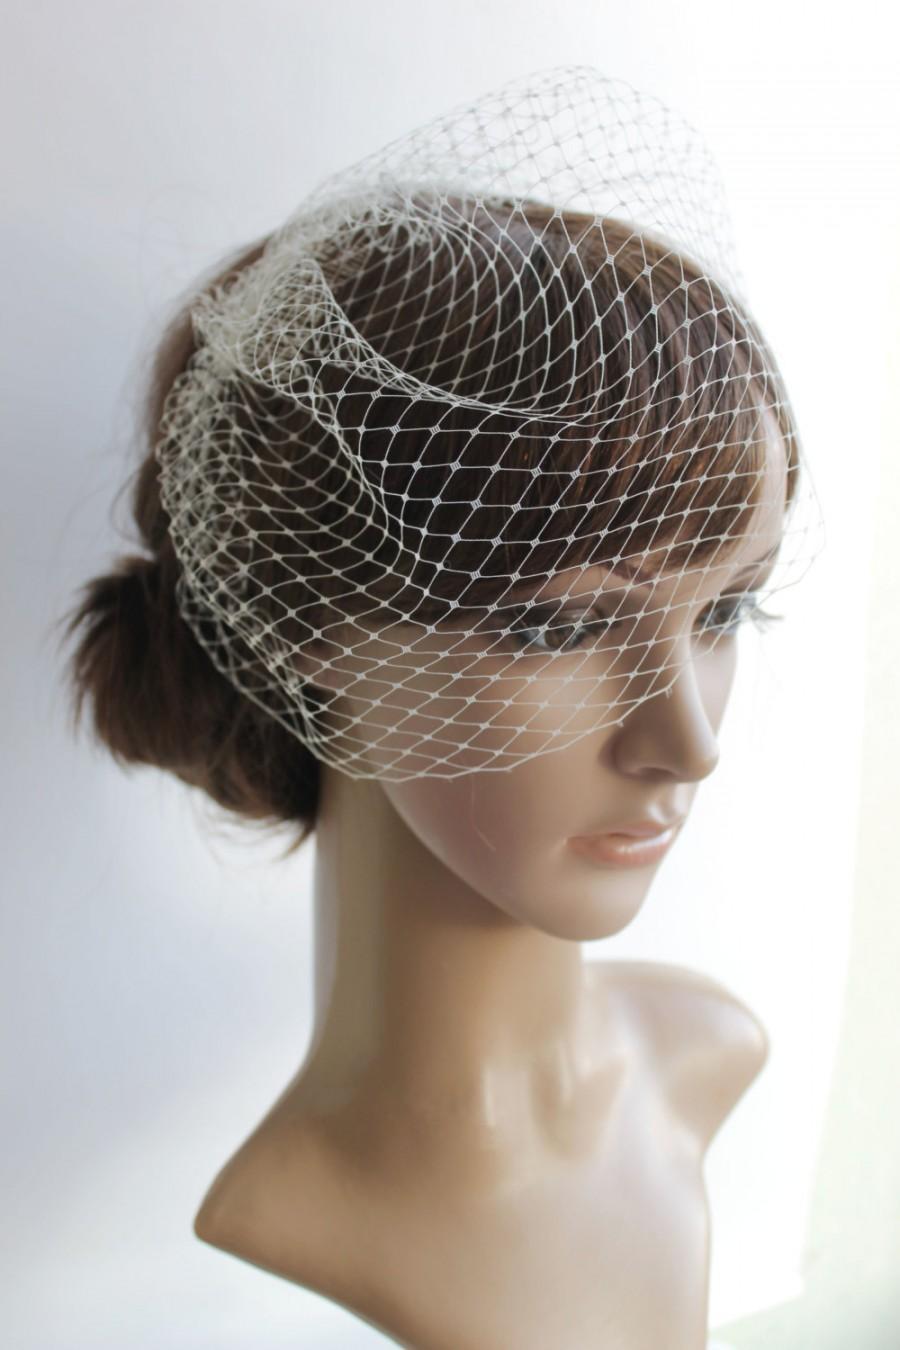 Свадьба - Mini Birdcage Veil, White birdcage veil, Ivory birdcage veil,  Bird Cage Veil, 9 inch veil